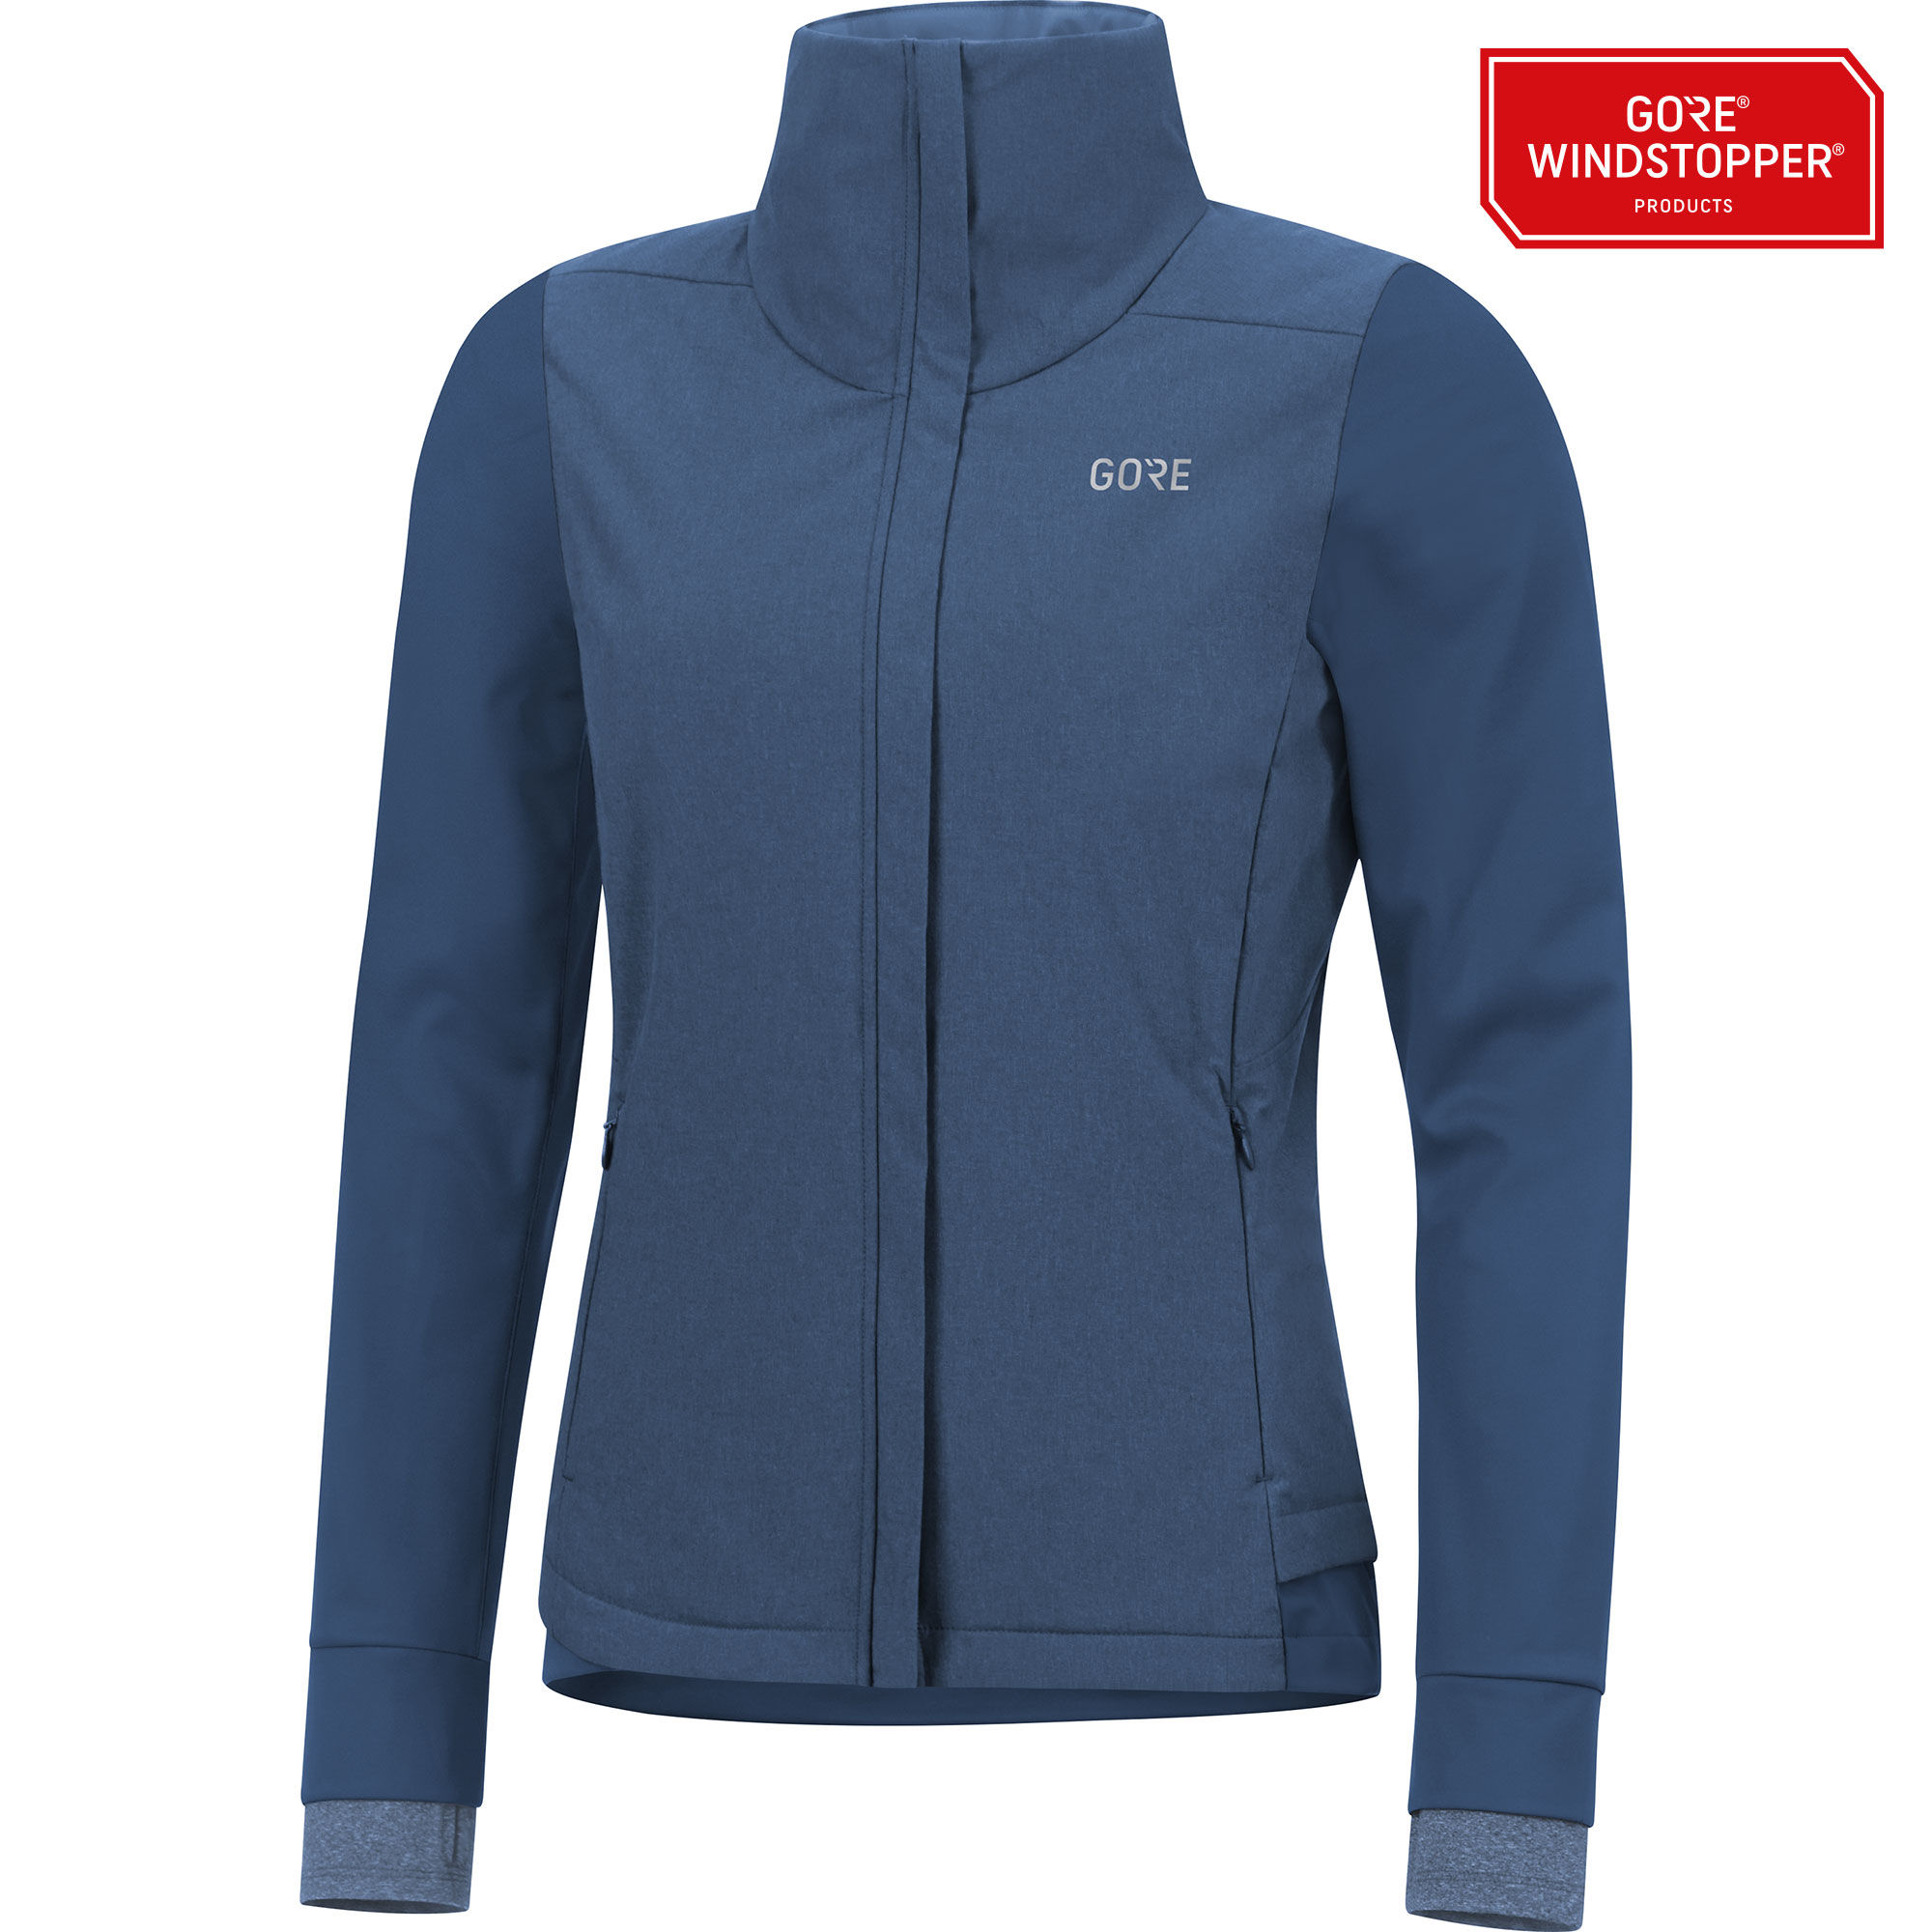 Gore R3 Lady GWS Isolierte Jacke in Blau